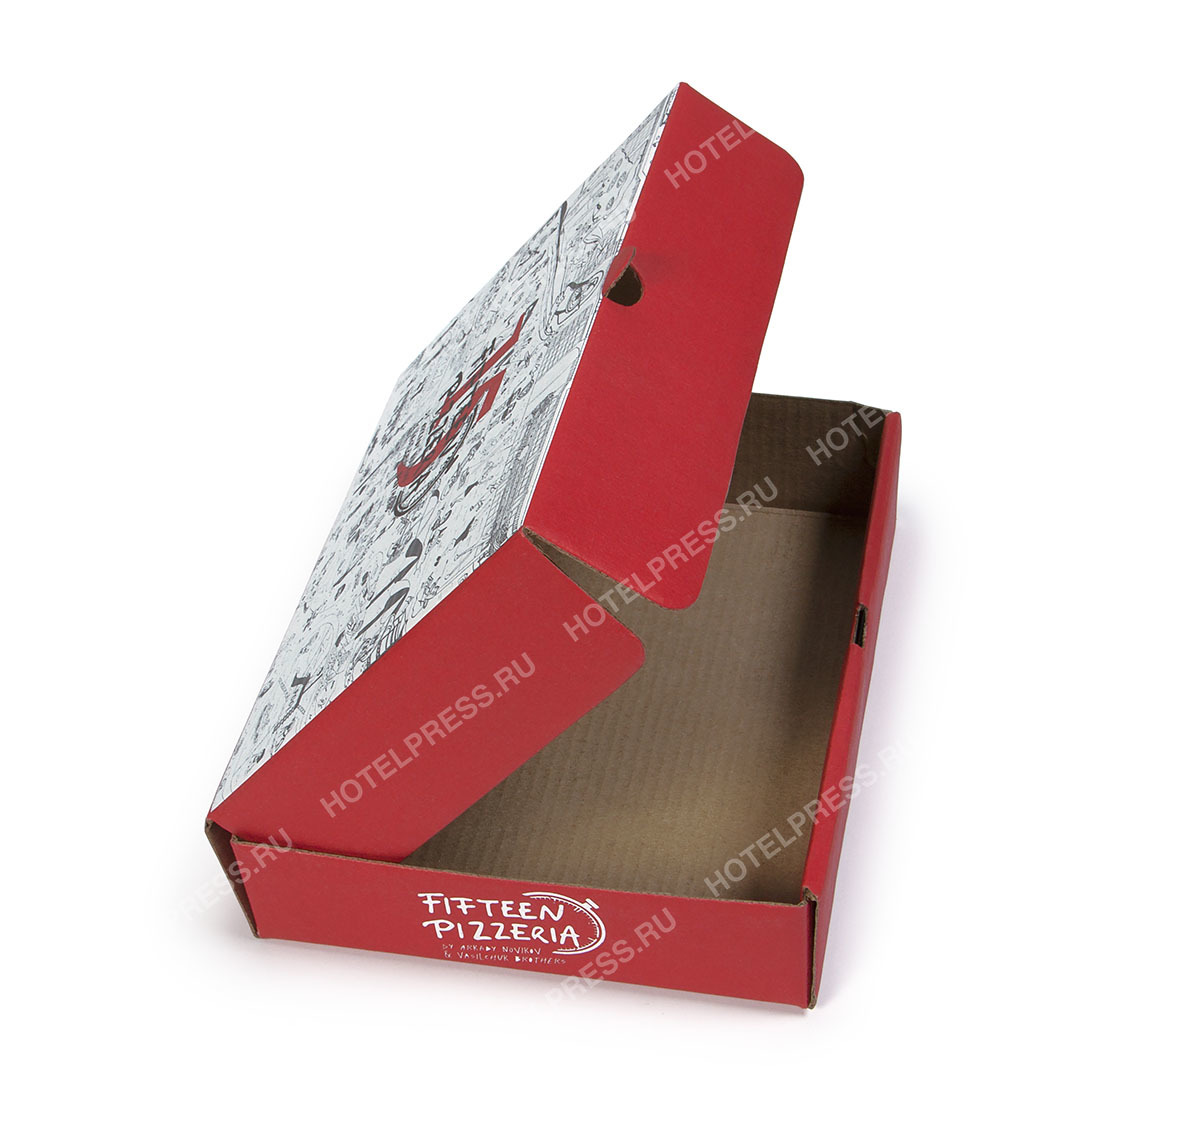 Маленькая коробка для пиццы ресторана Fifteen Pizzeria